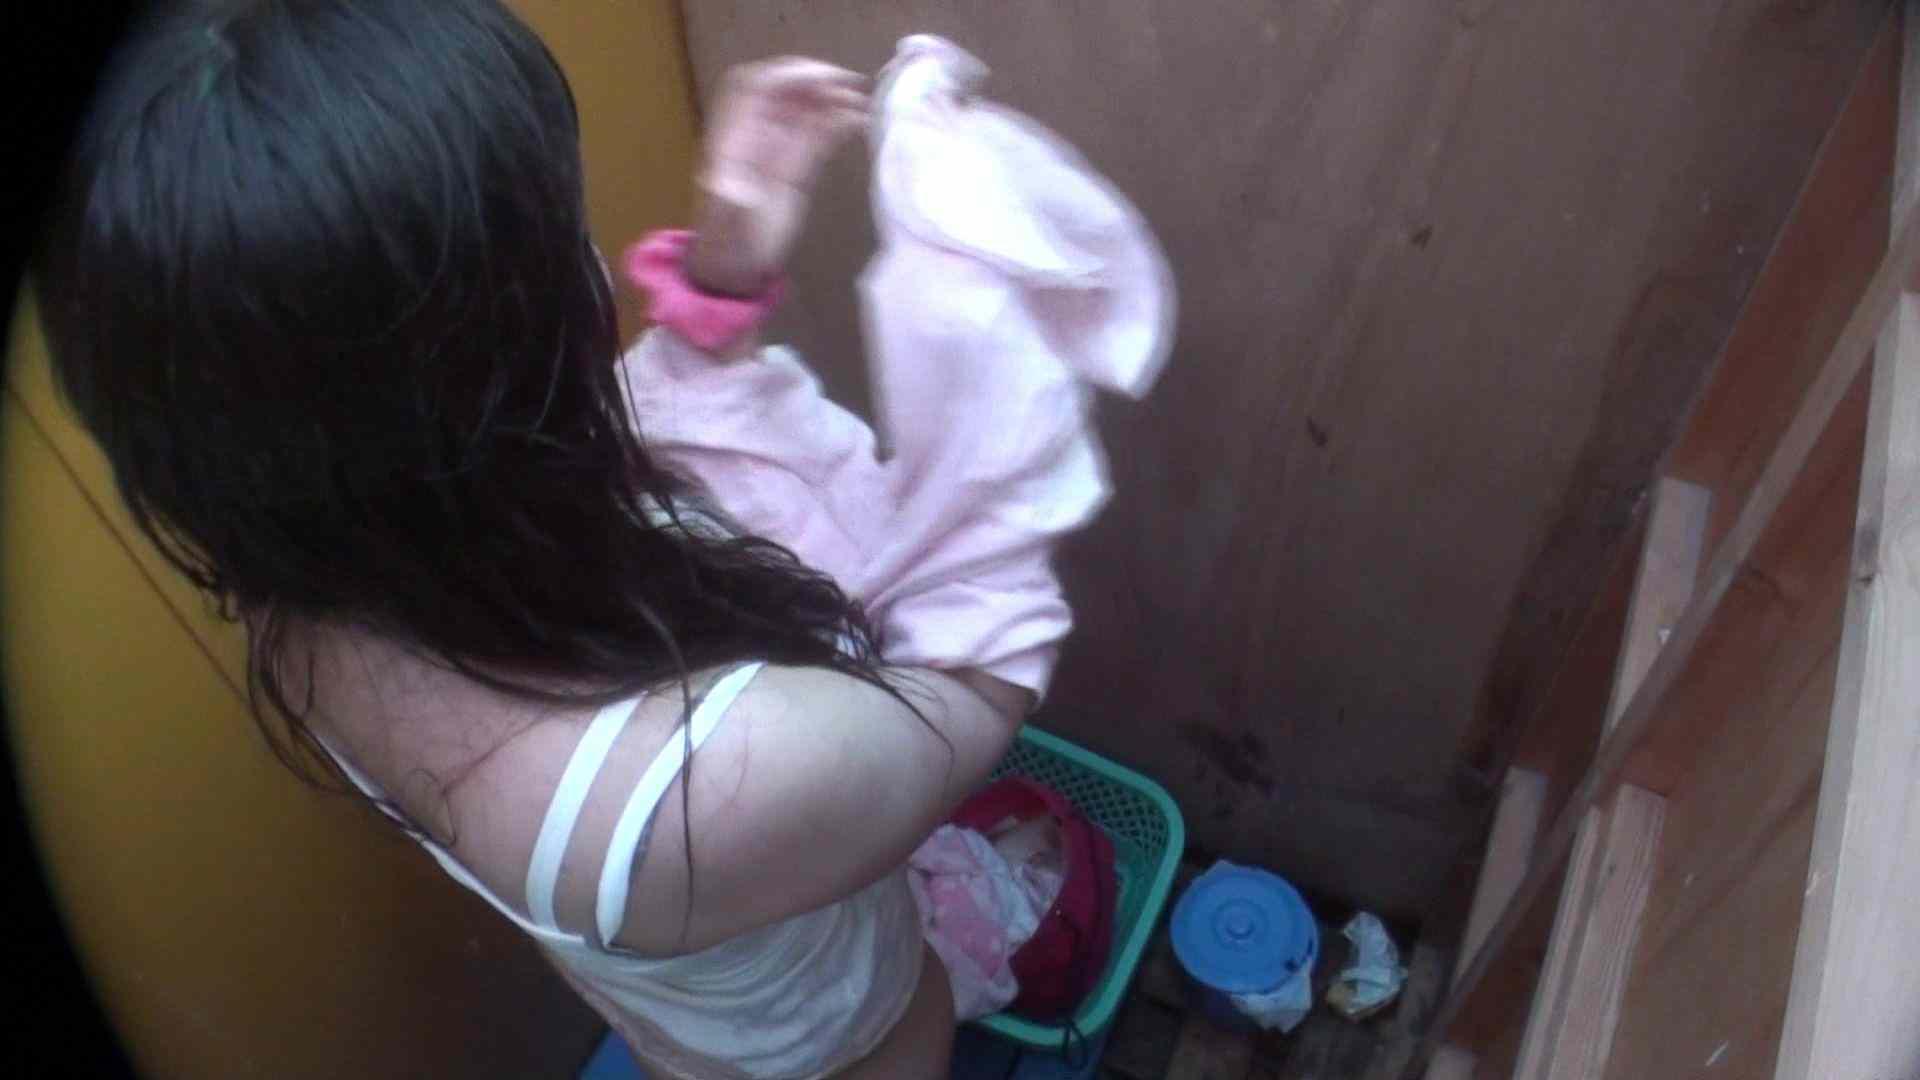 シャワールームは超!!危険な香りVol.13 ムッチムチのいやらしい身体つき OLエロ画像  29PICs 27